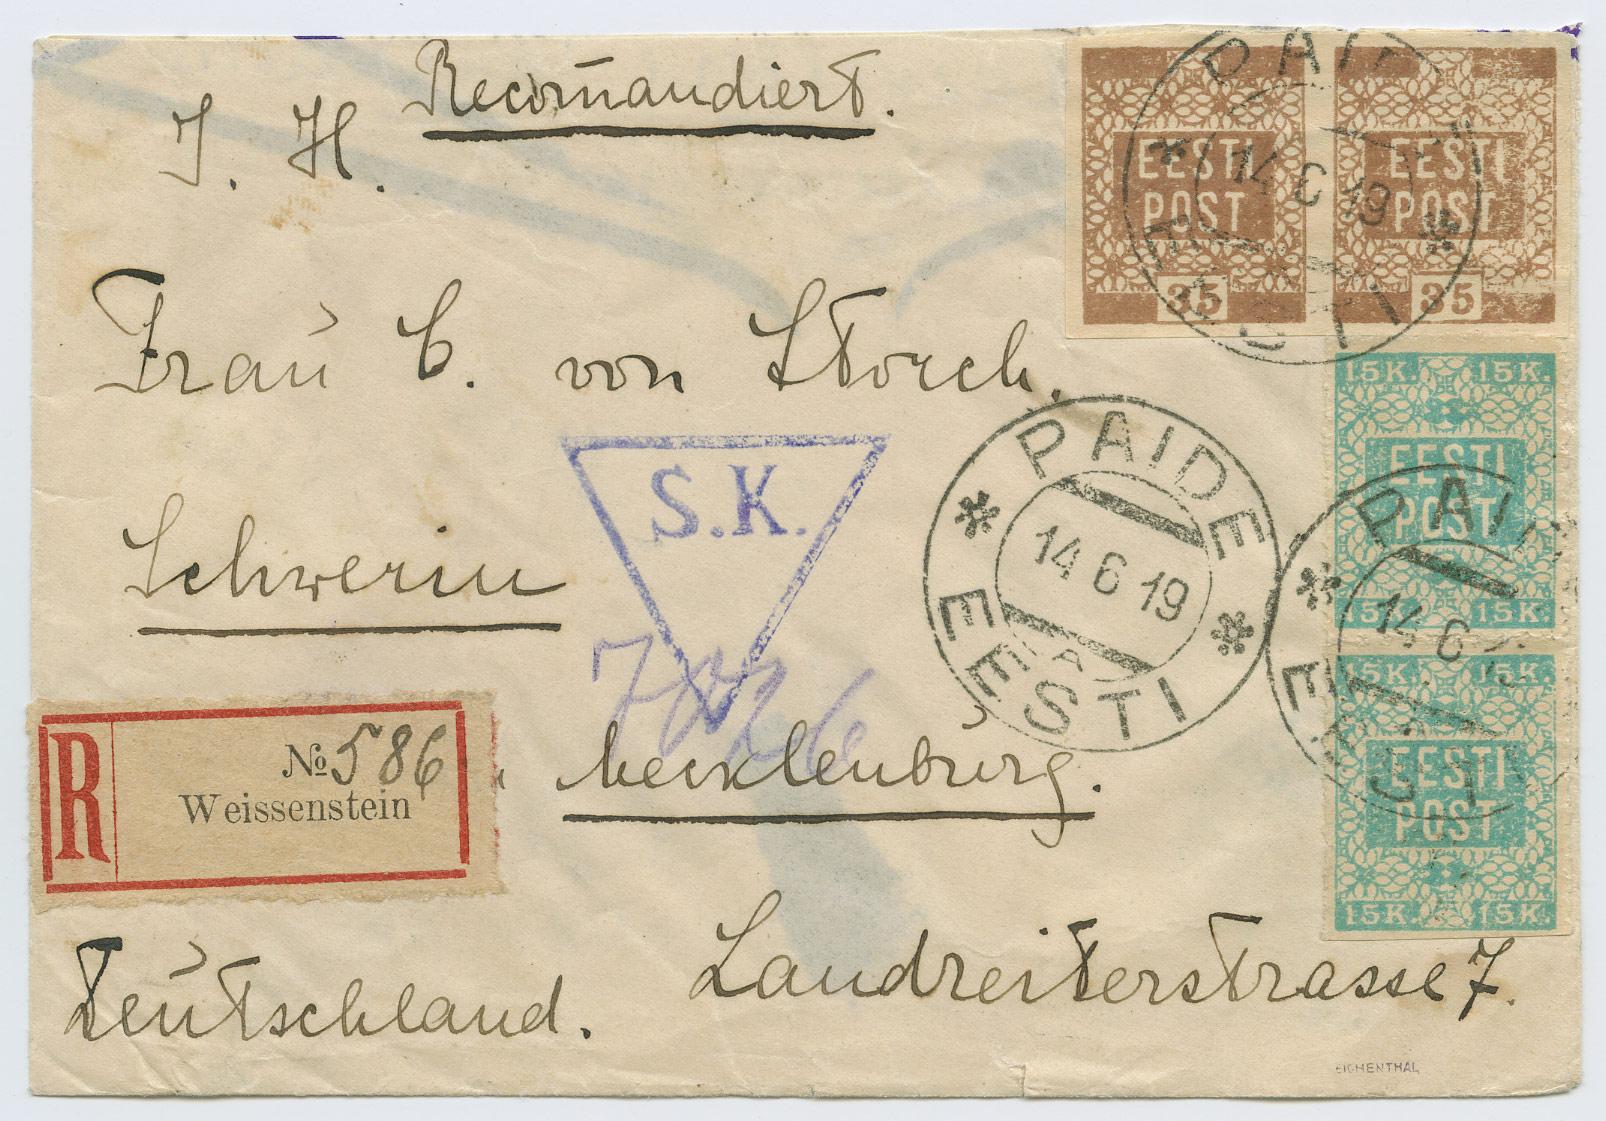 1070a-Paide-Schwerin-ajutine-tähitud-1919-postiajalugu-ee